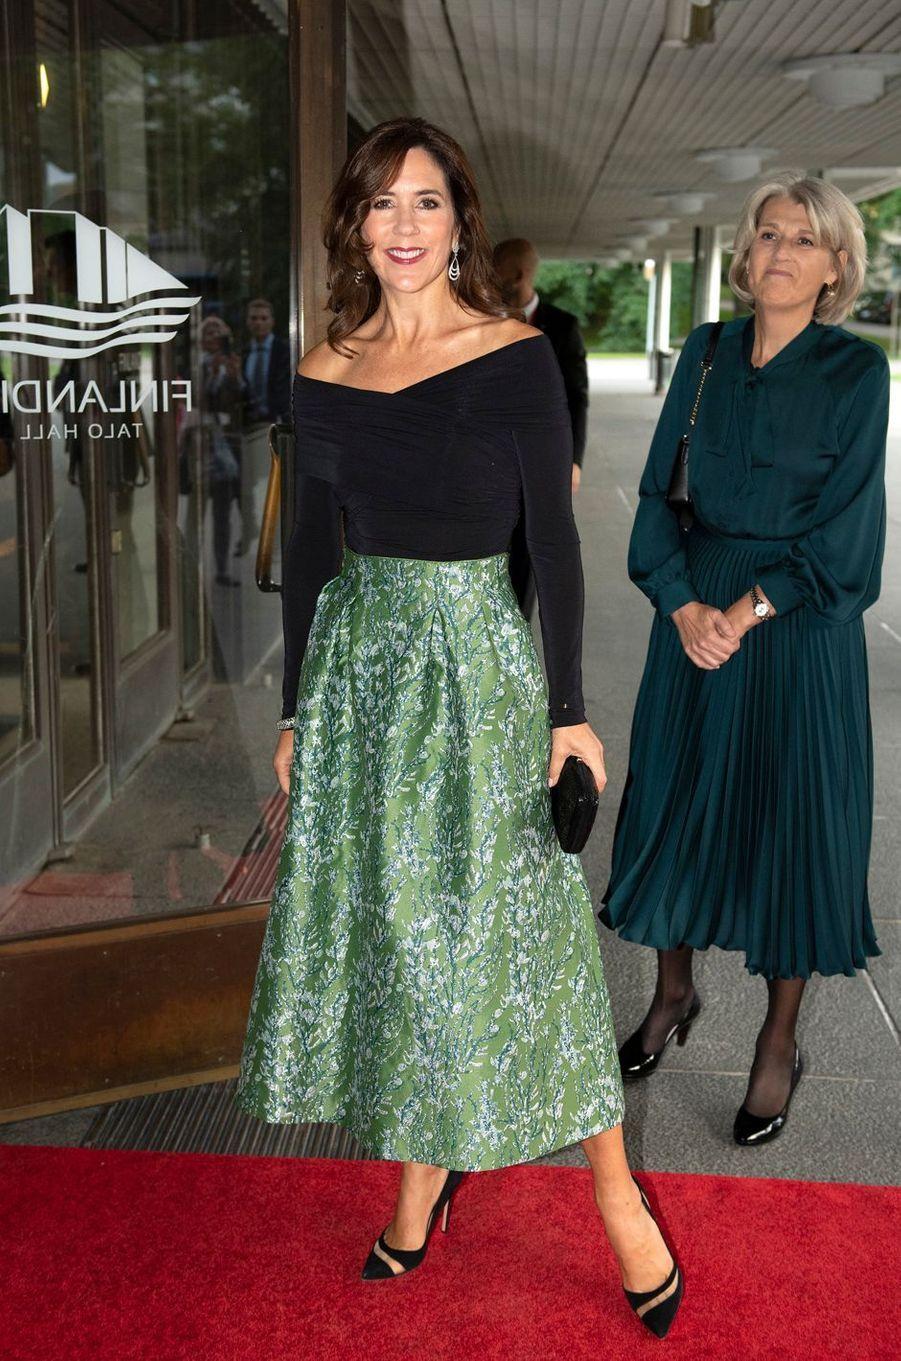 La princesse Mary de Danemark à la réception du centenaire des relations Danemark-Finlande à Helsinki, le 13 septembre 2018